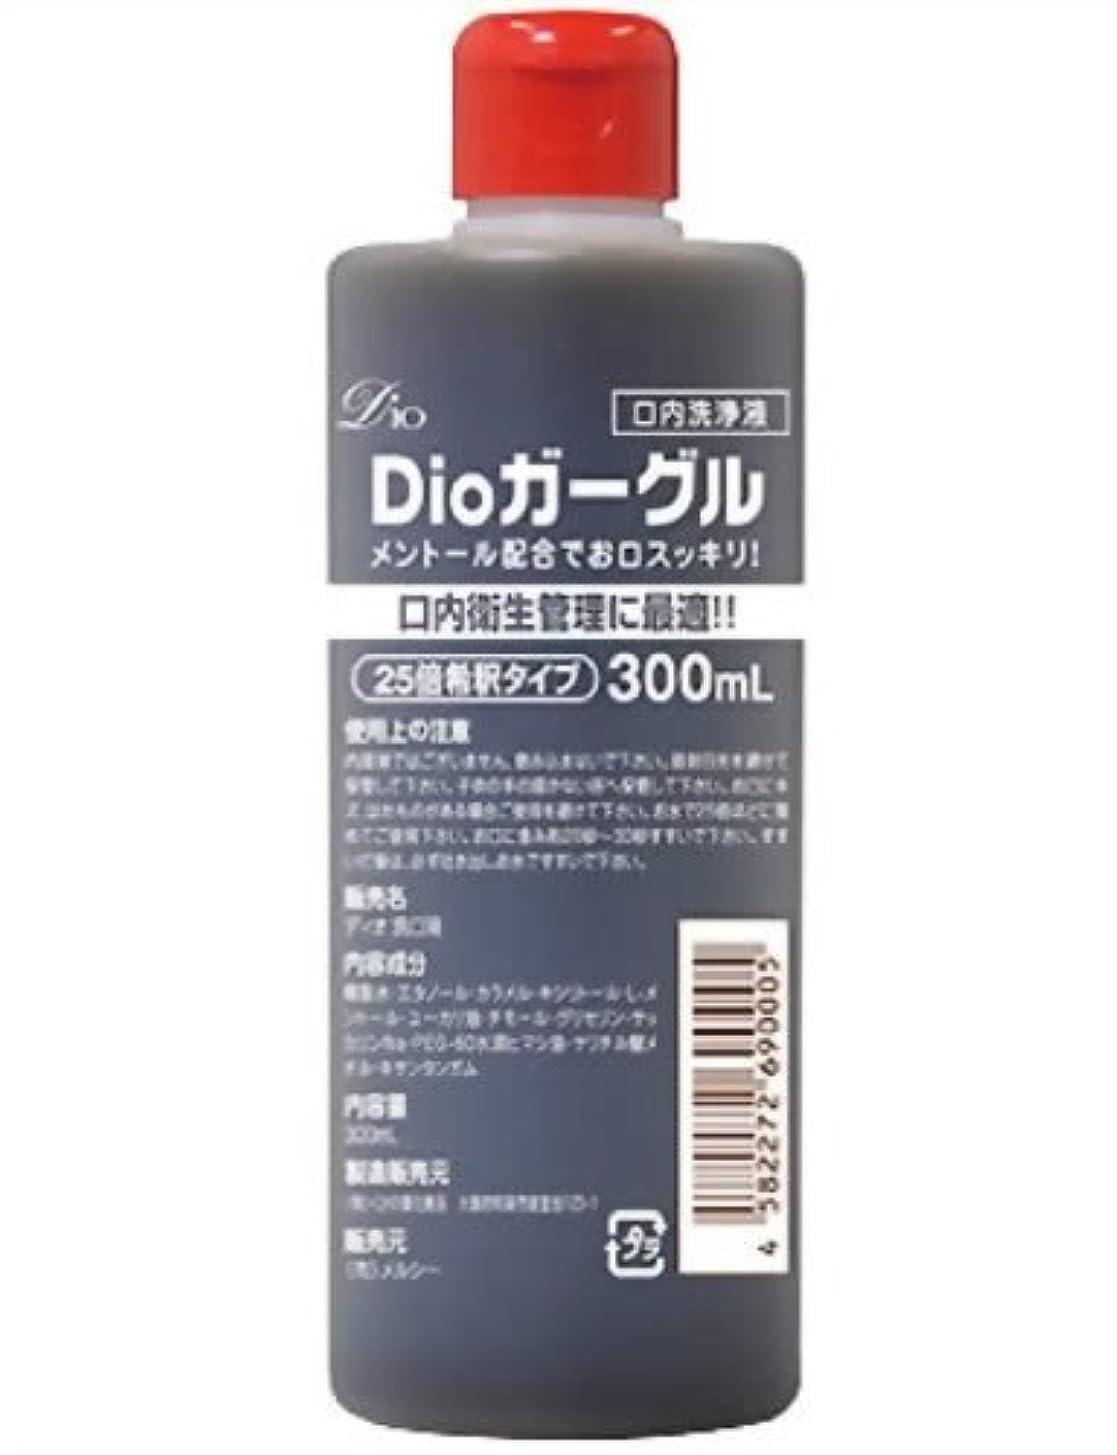 ブローホールインサートレモン【業務用】 Dioガーグル 300ml